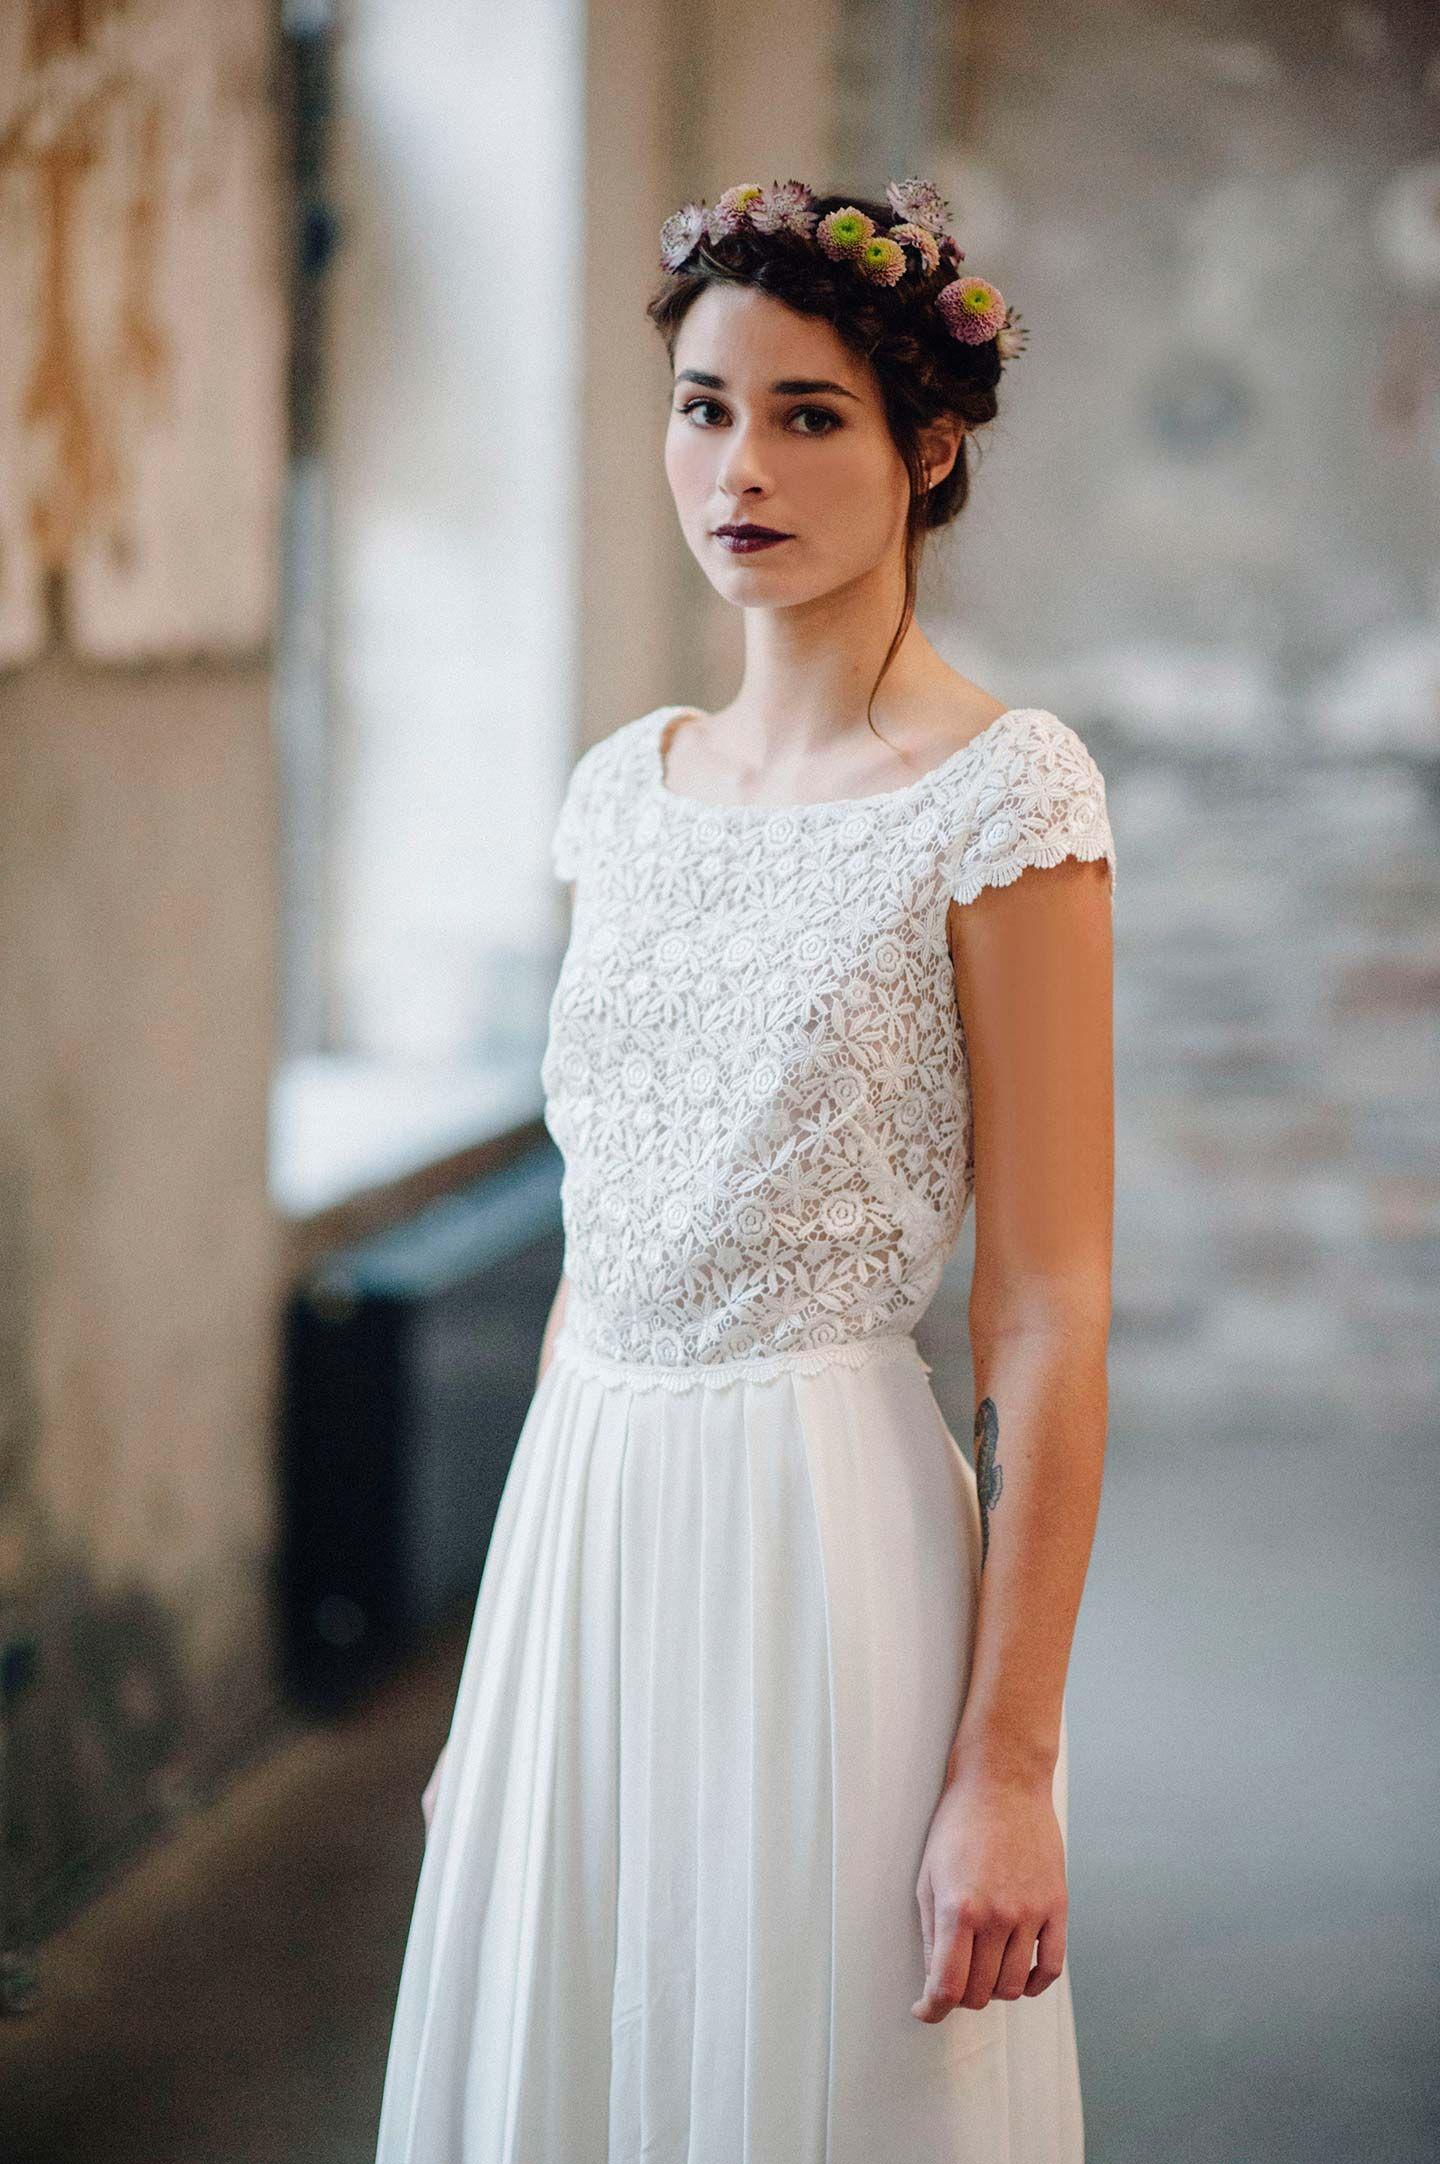 Traumhaft leichte Brautkleider von Victoria Rüsche | Photography ...